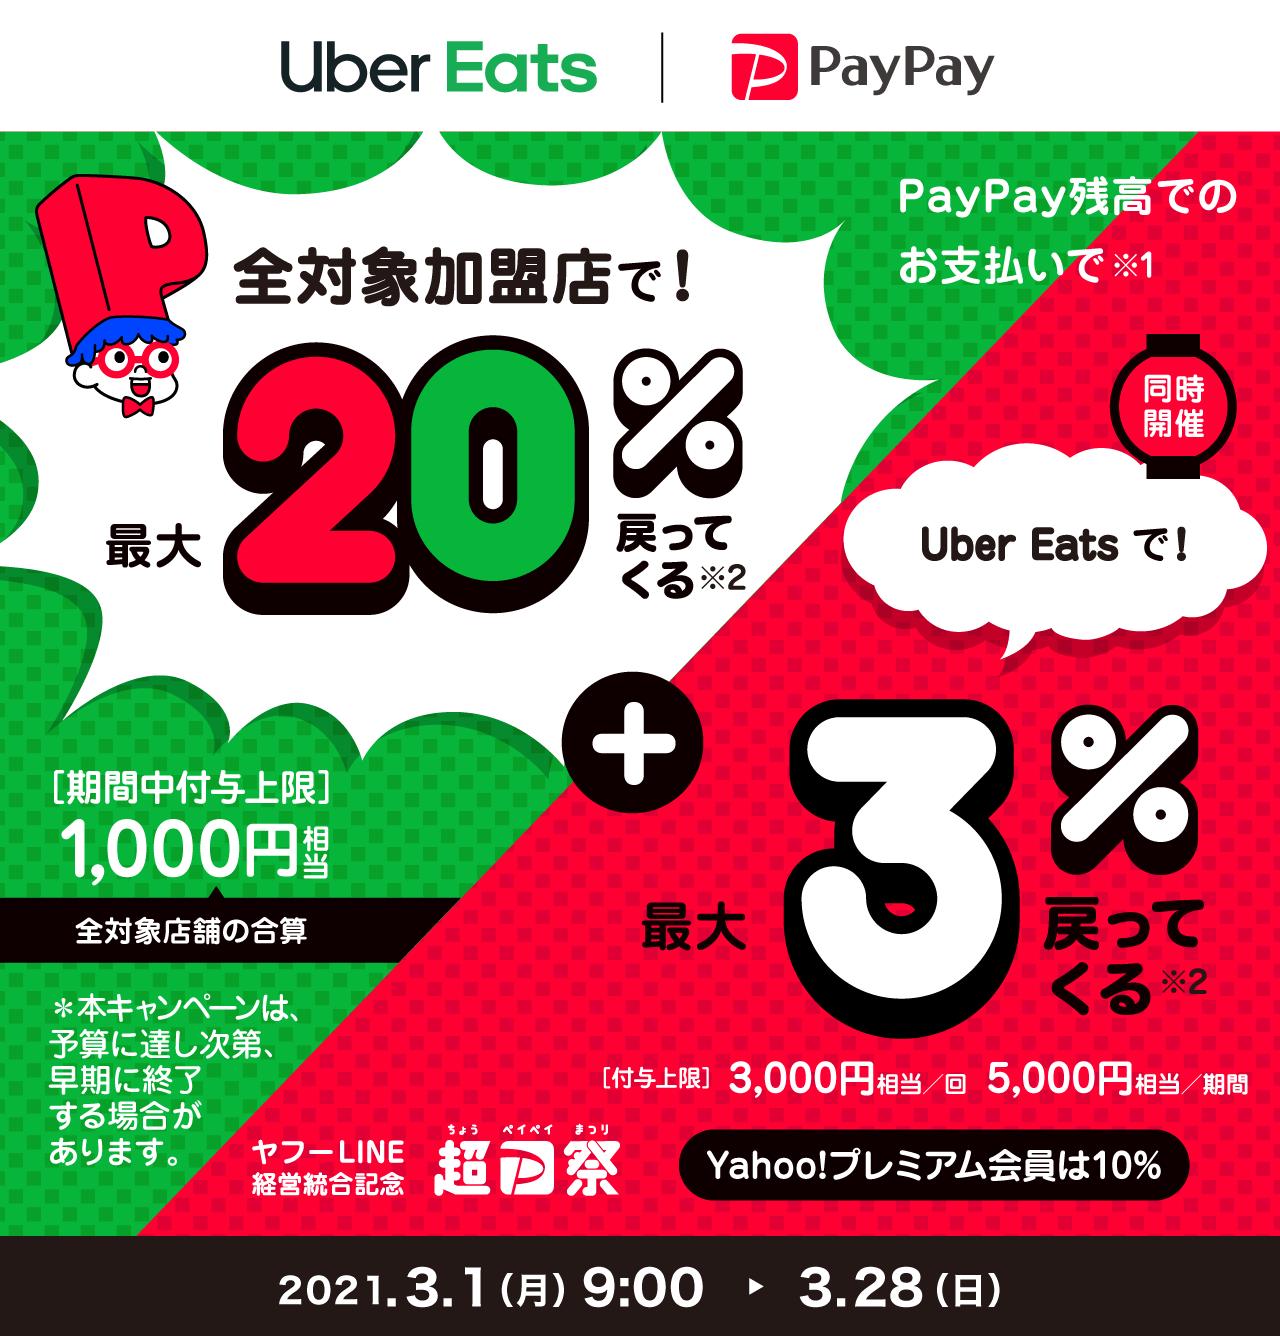 全対象加盟店で!最大20%戻ってくる + Uber Eats で!最大3%戻ってくる